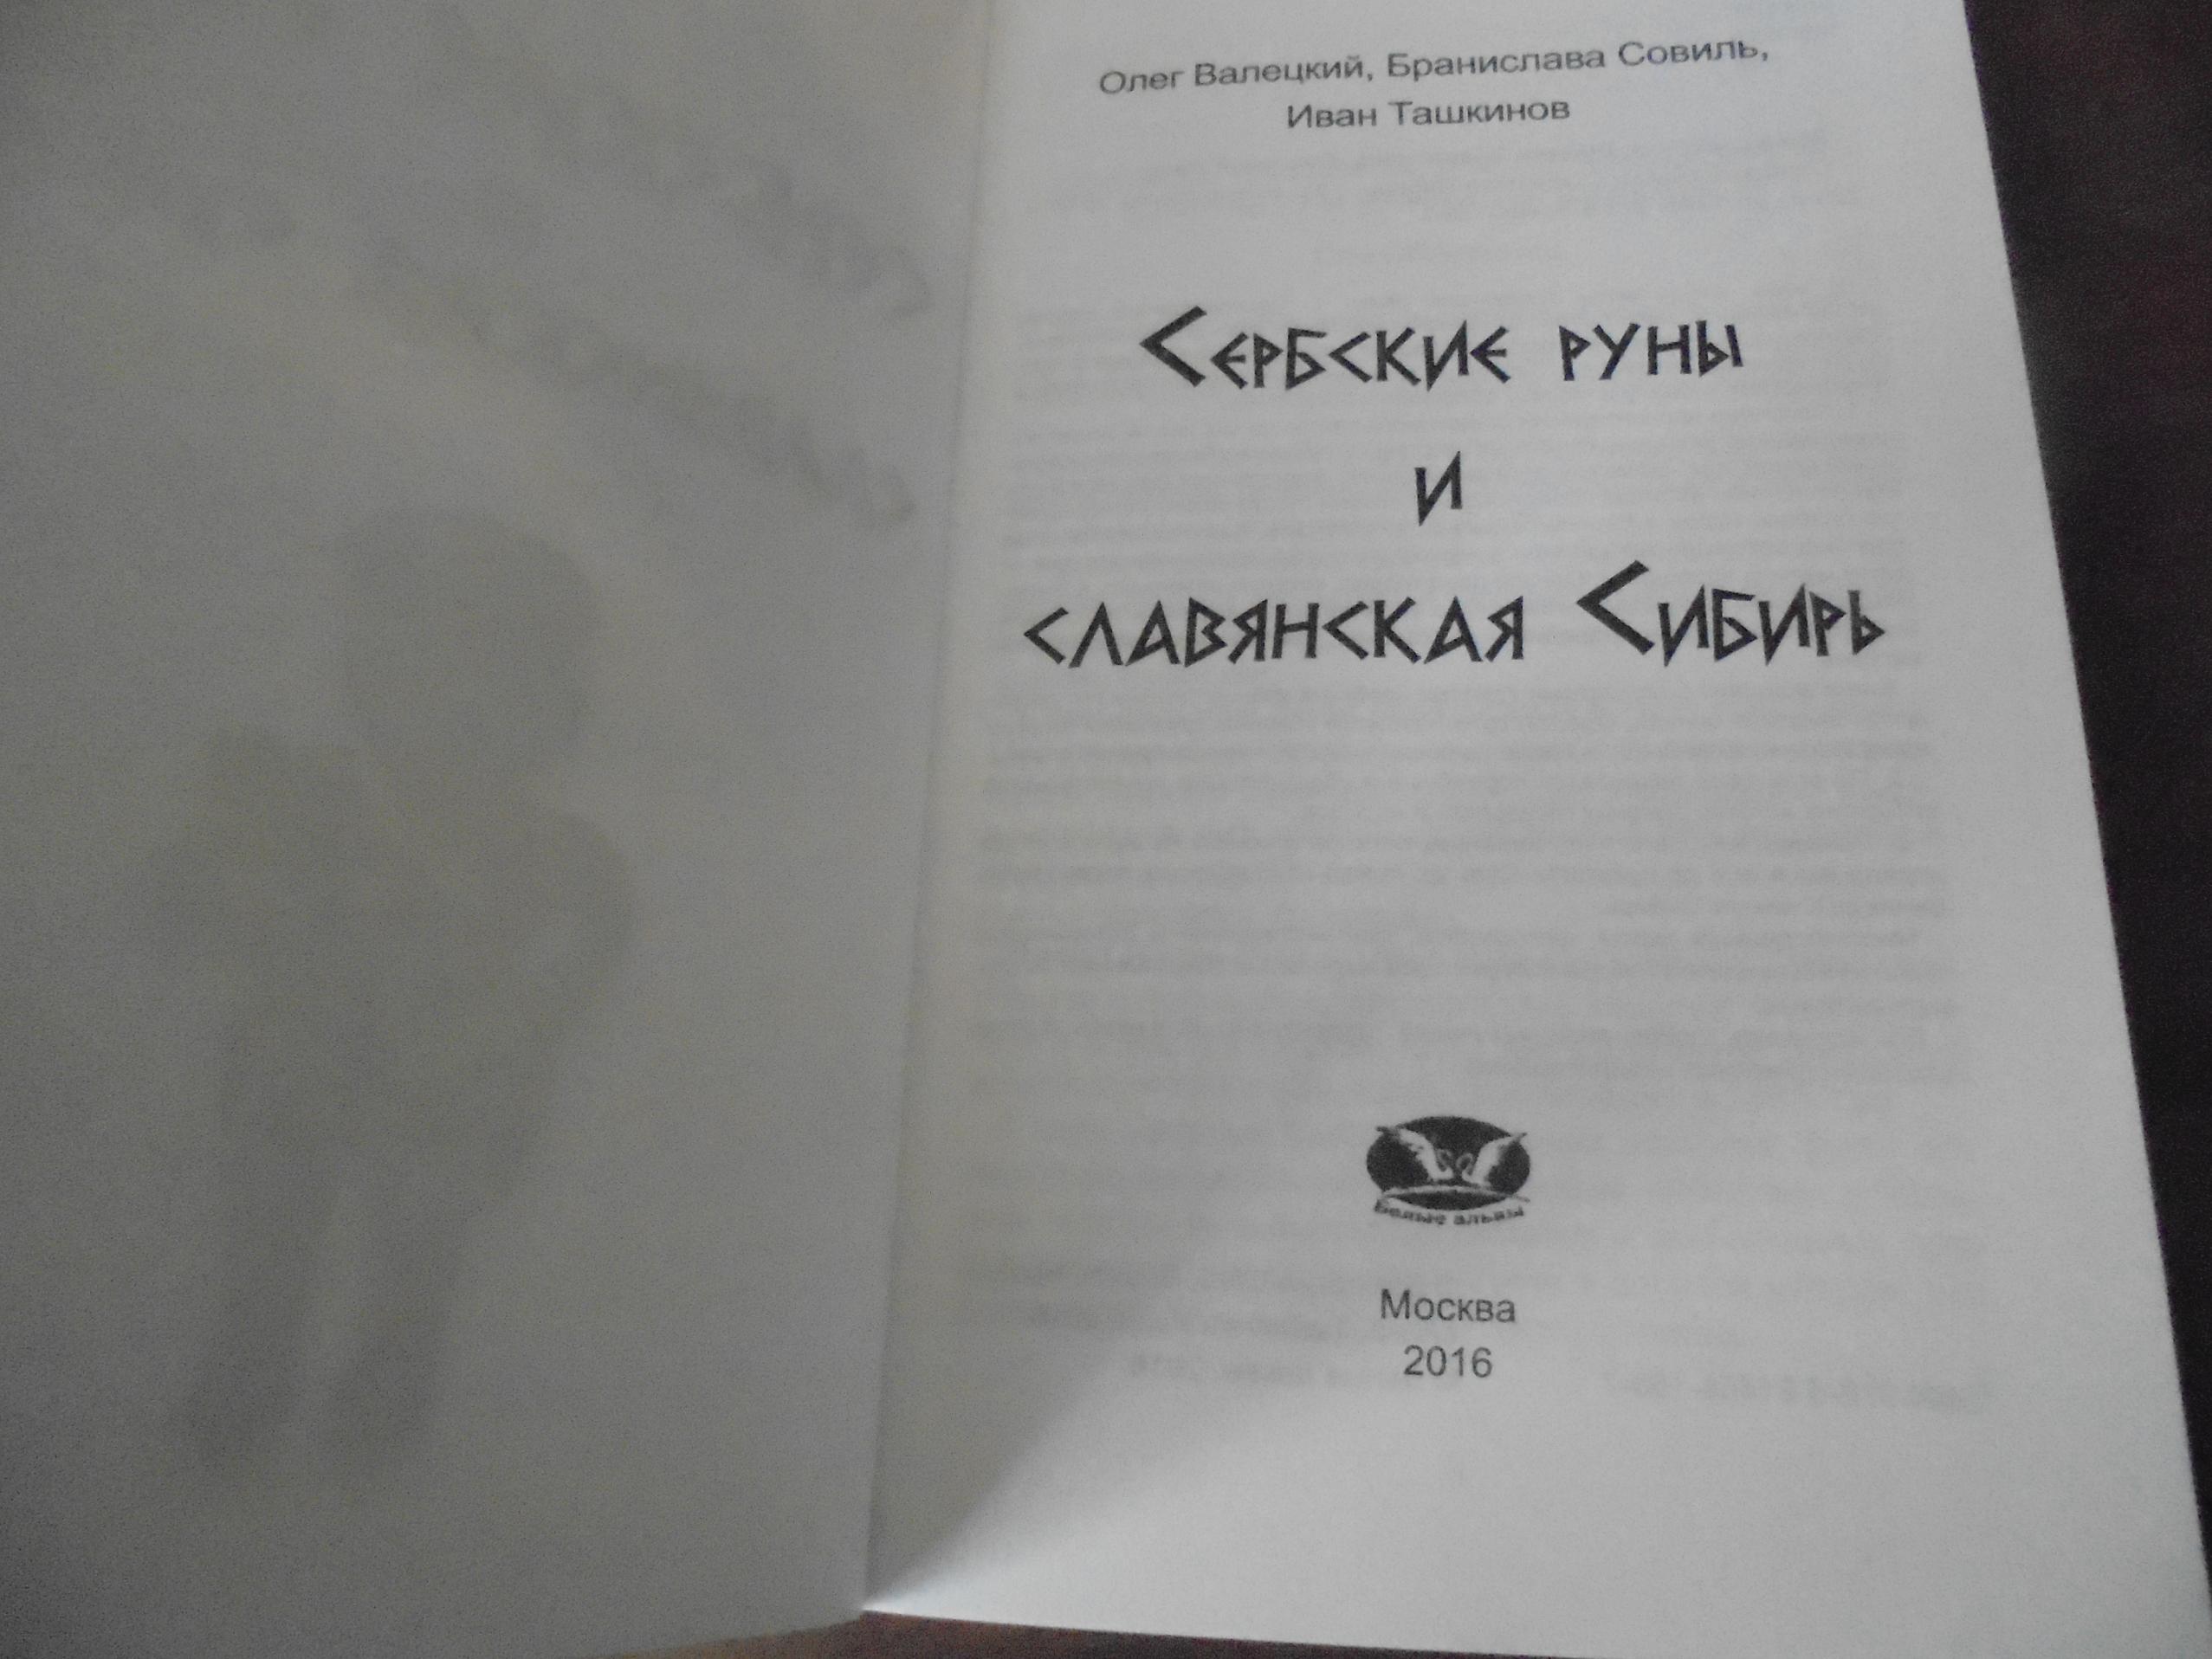 Serbskaja runa 2